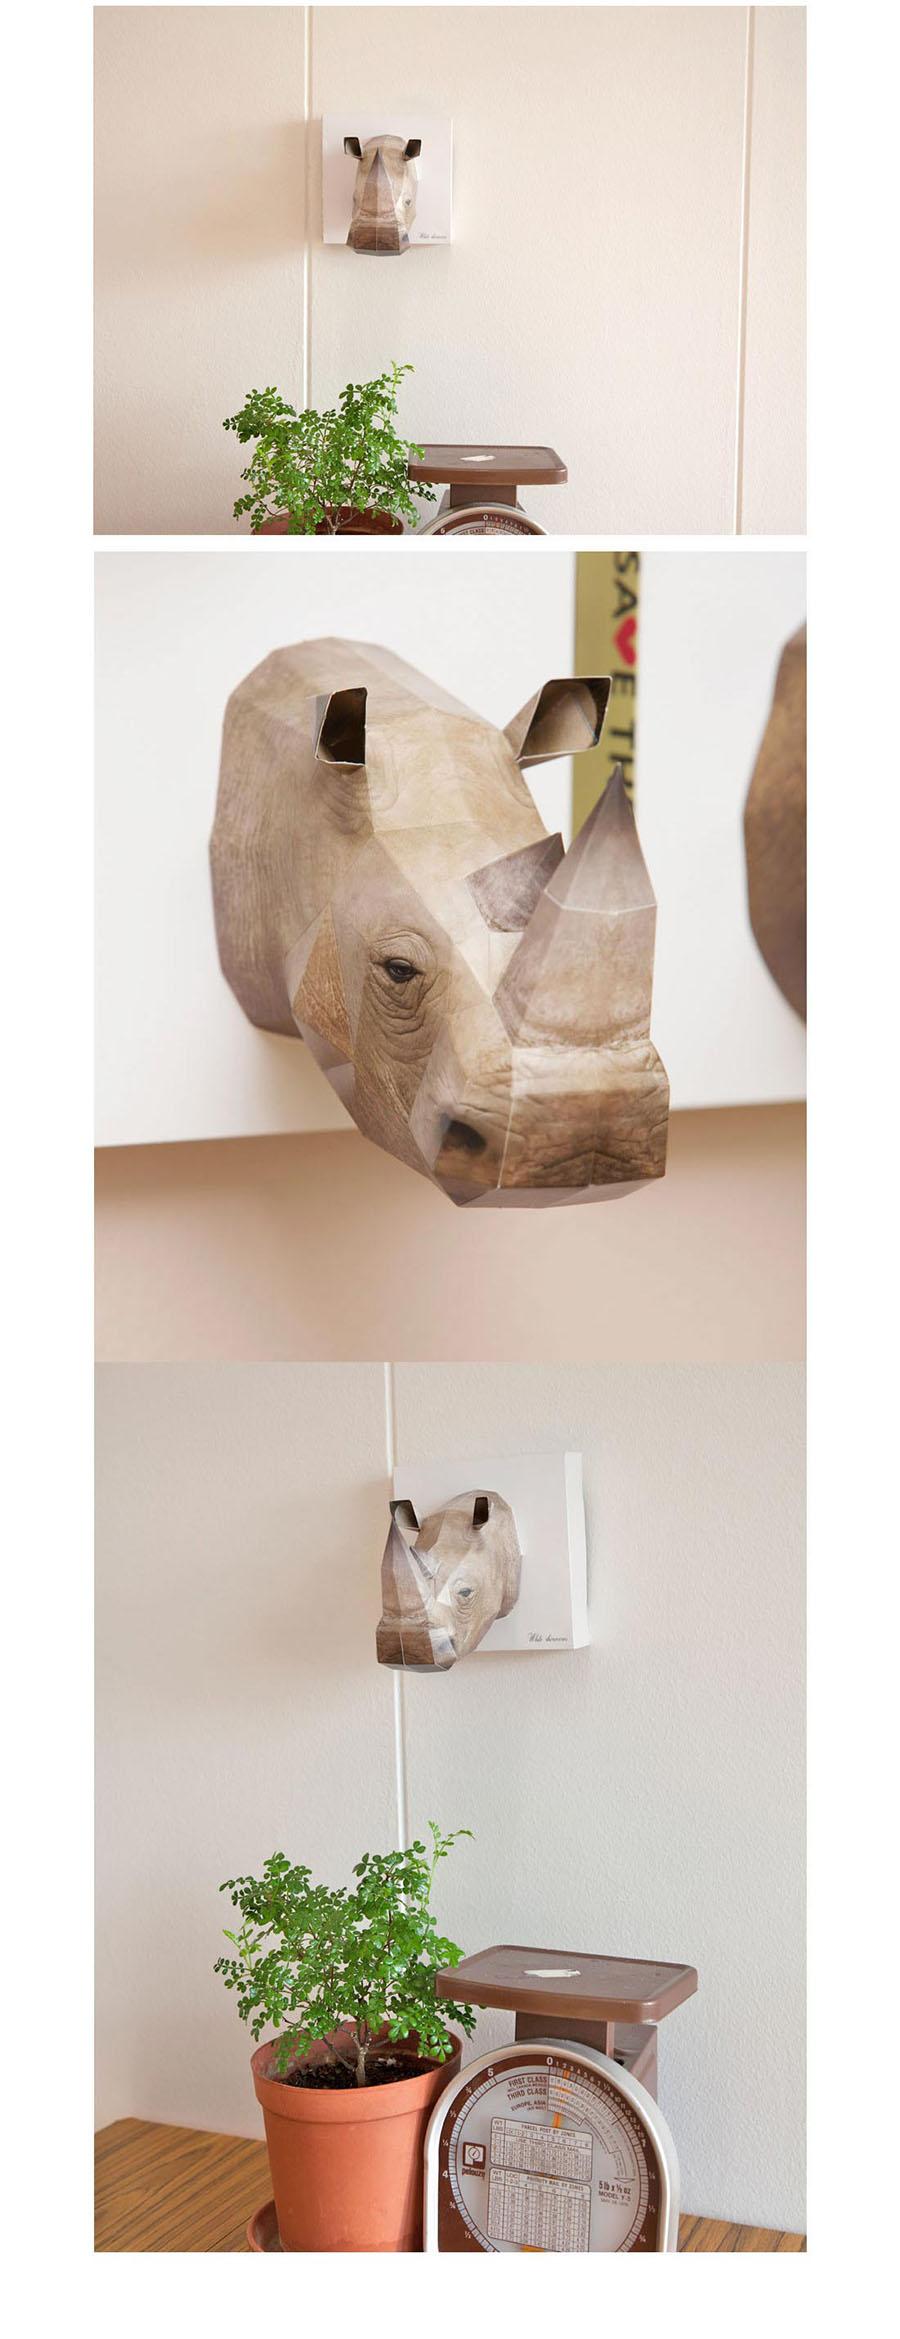 부모님 아이들 취미 만들기 놀이 코뿔소 종이 모형 종 종이장난감 DIY만들기 종이공예 페이퍼토이 종이공예품